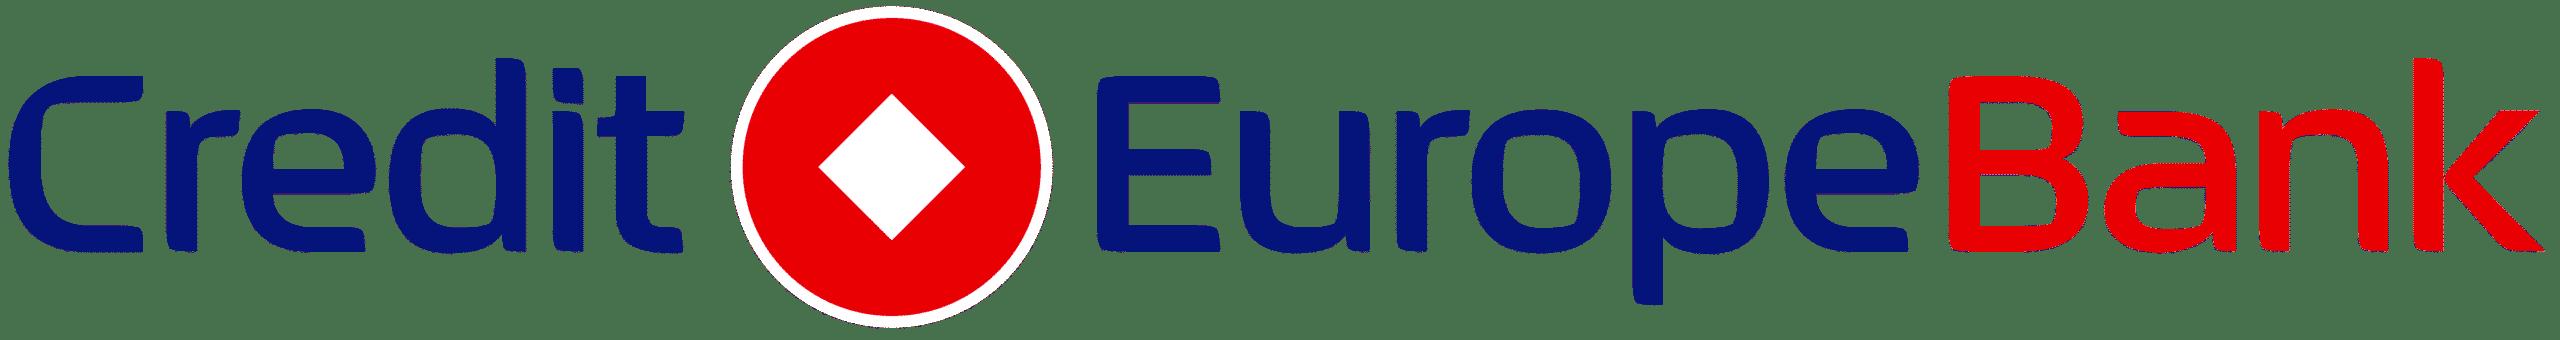 Credit_Europe_Bank_logo